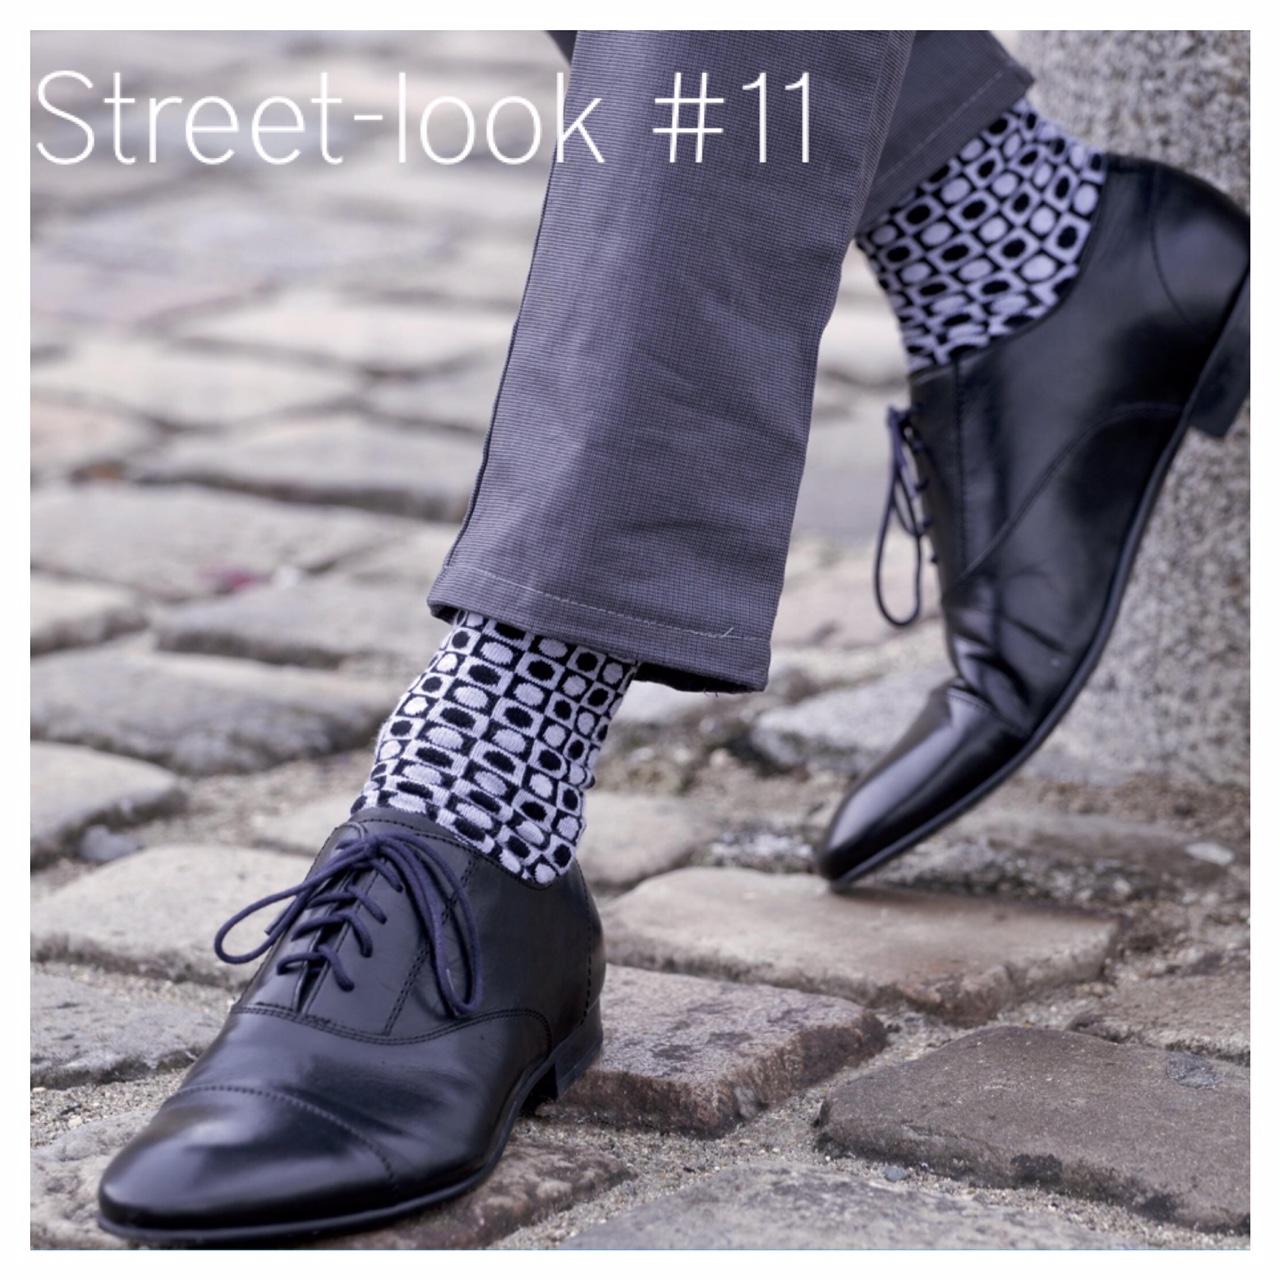 StreetLook11